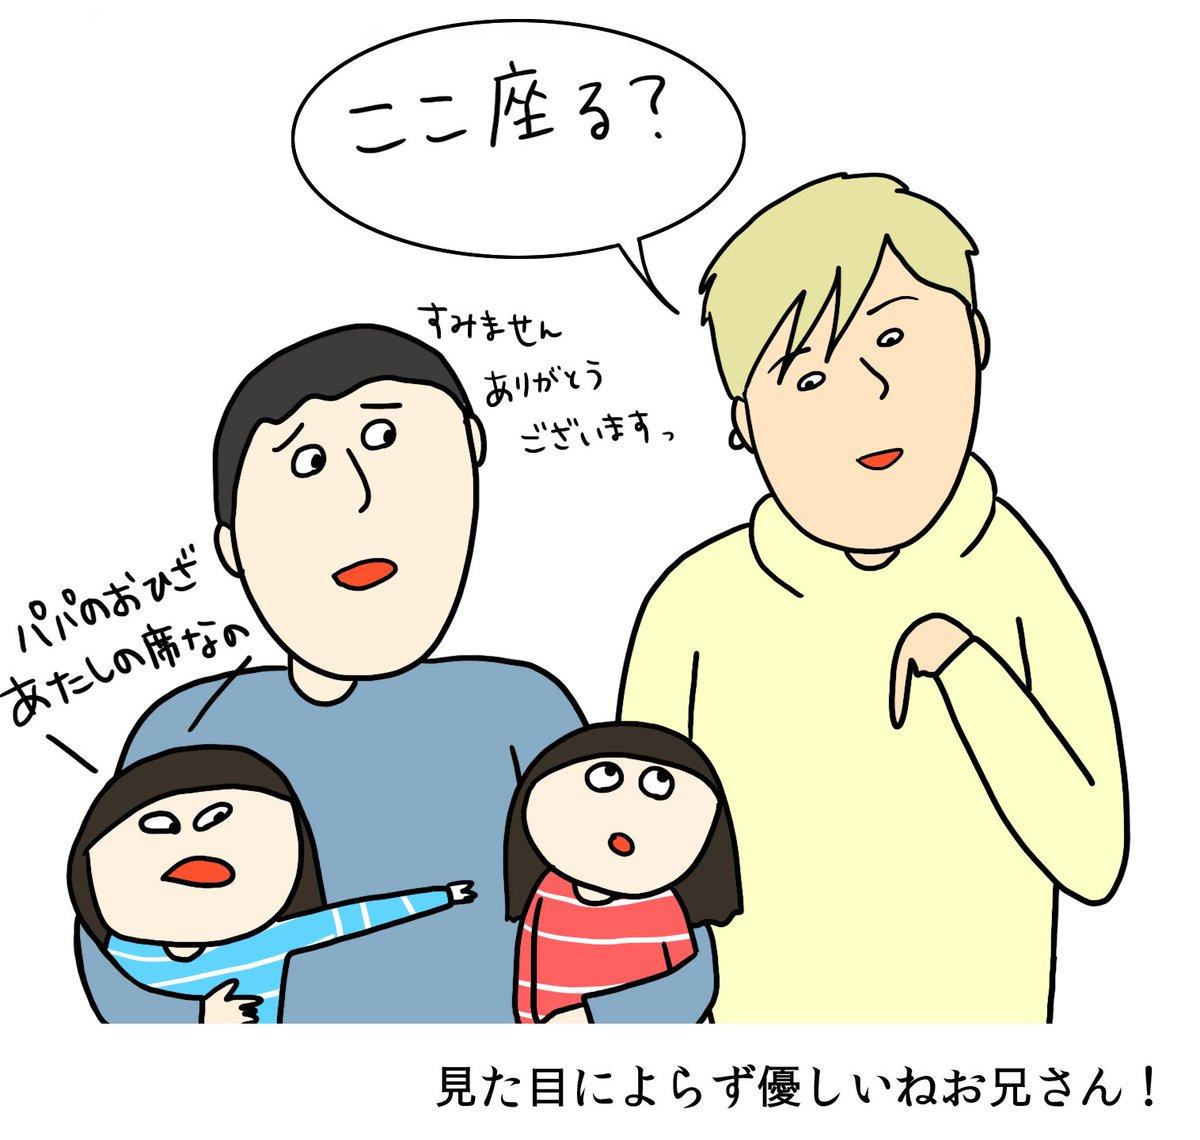 電車での出来事を描いた漫画がほっこりするww席を譲ろうとしたお兄さんの膝の上に座る子供ww